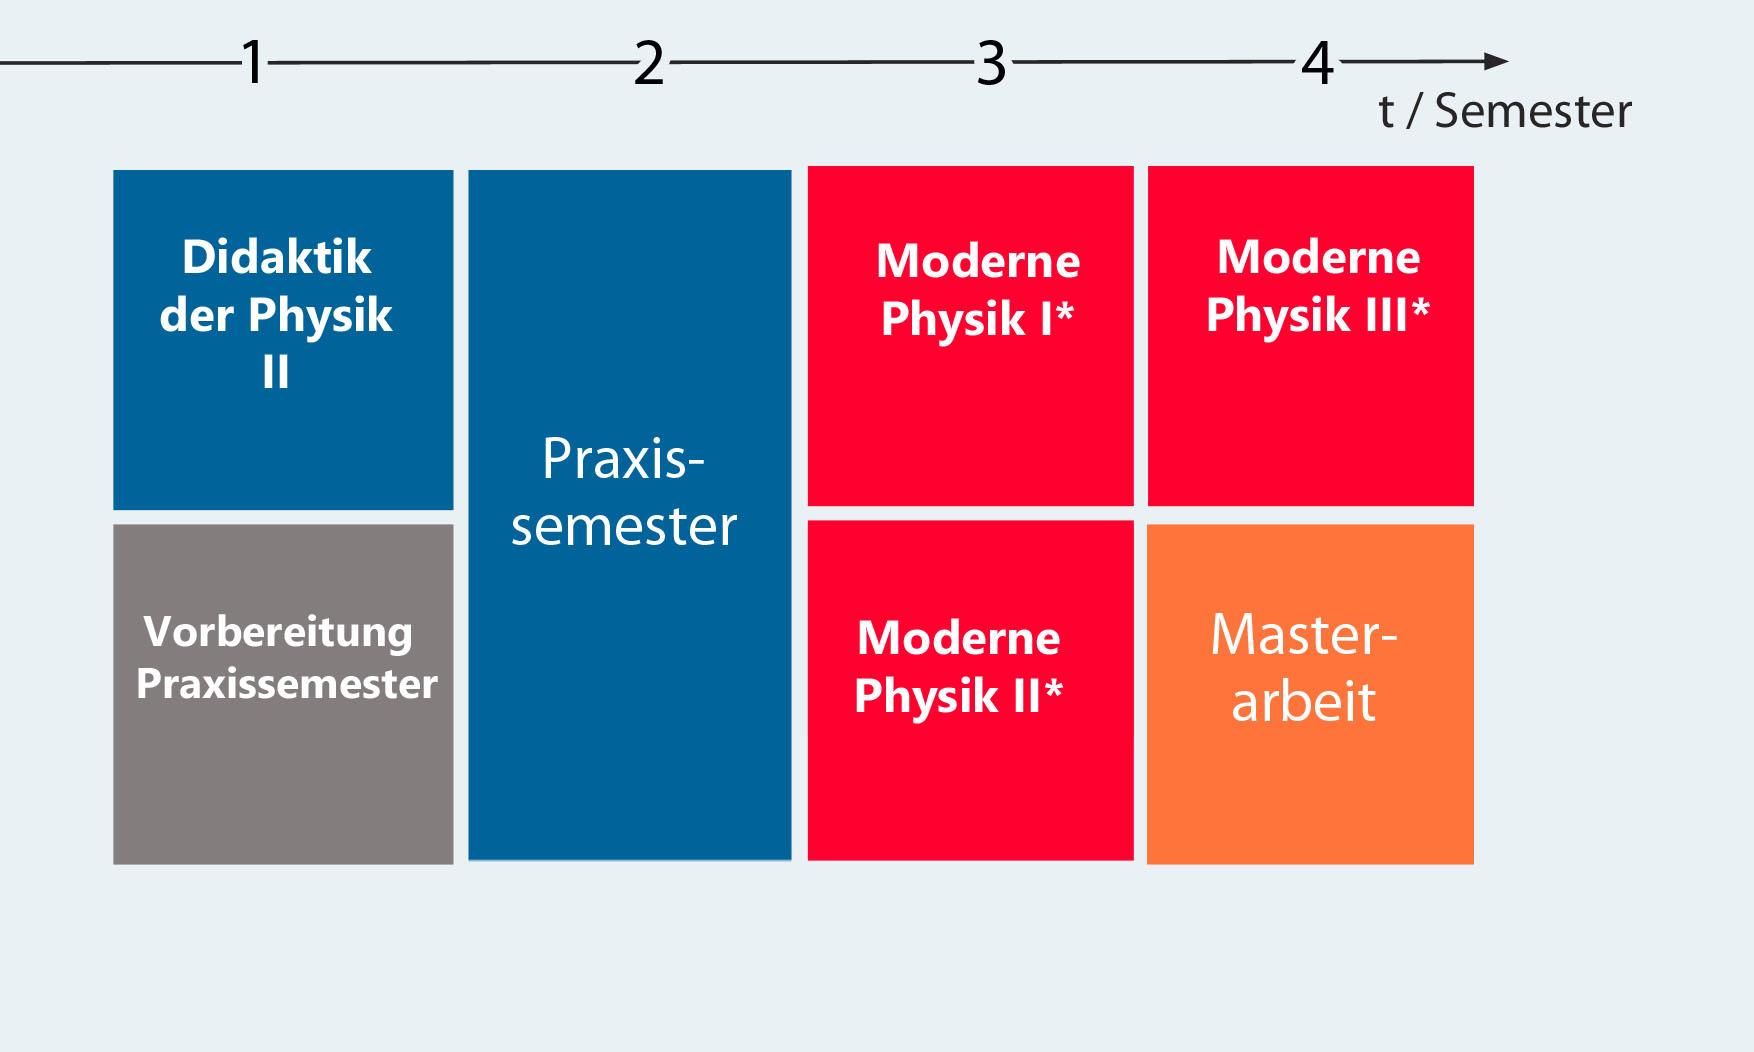 Tabelle des Studienplans